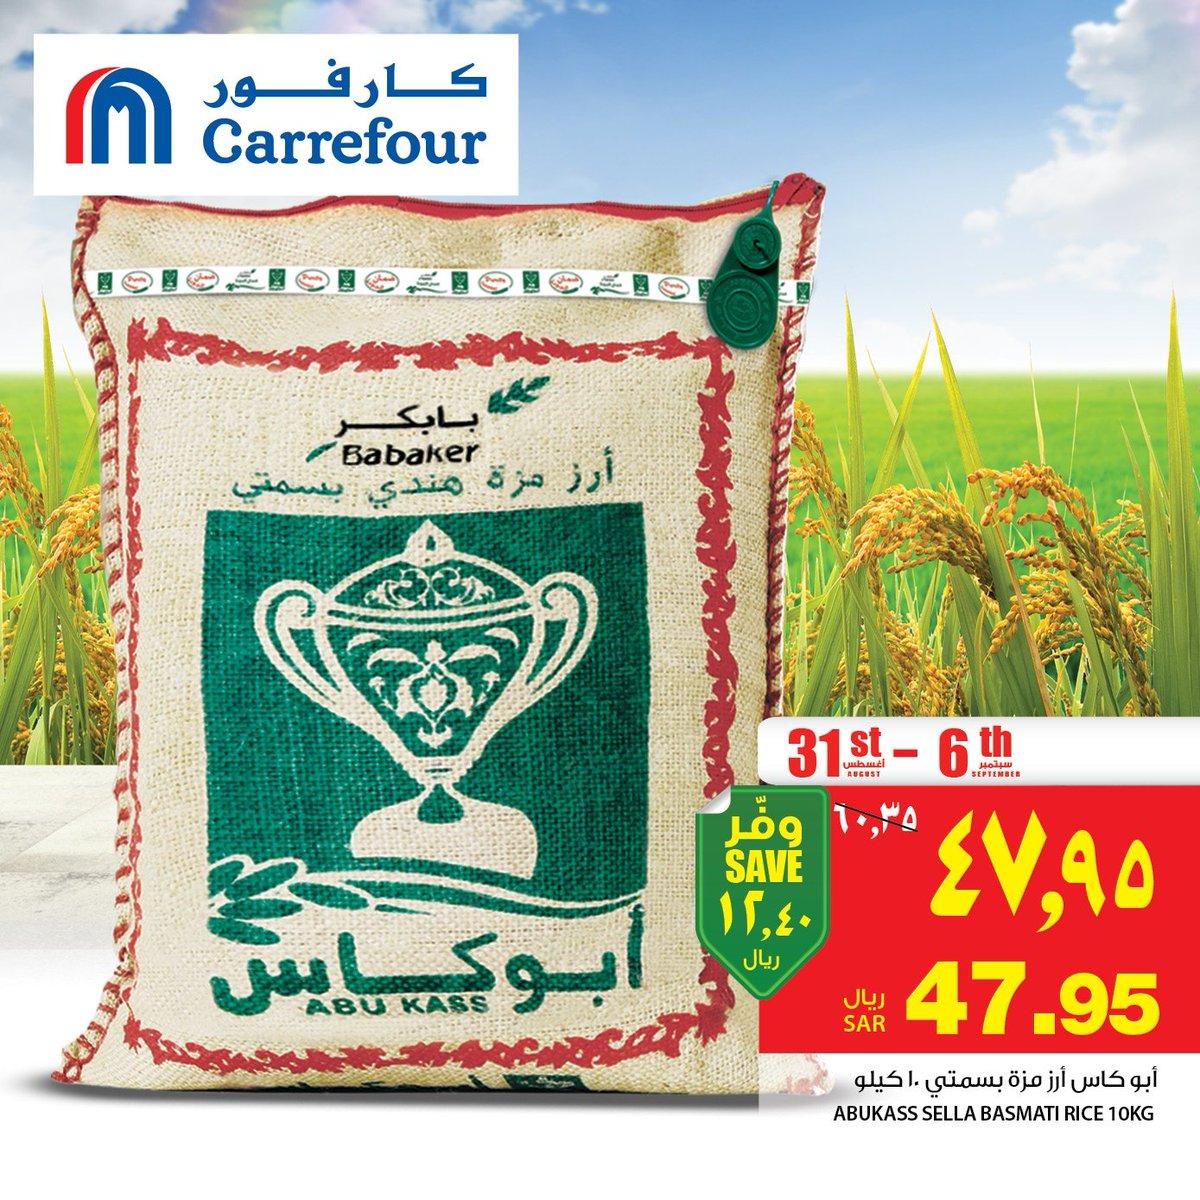 سعر رز ابو كاس 5 كيلو